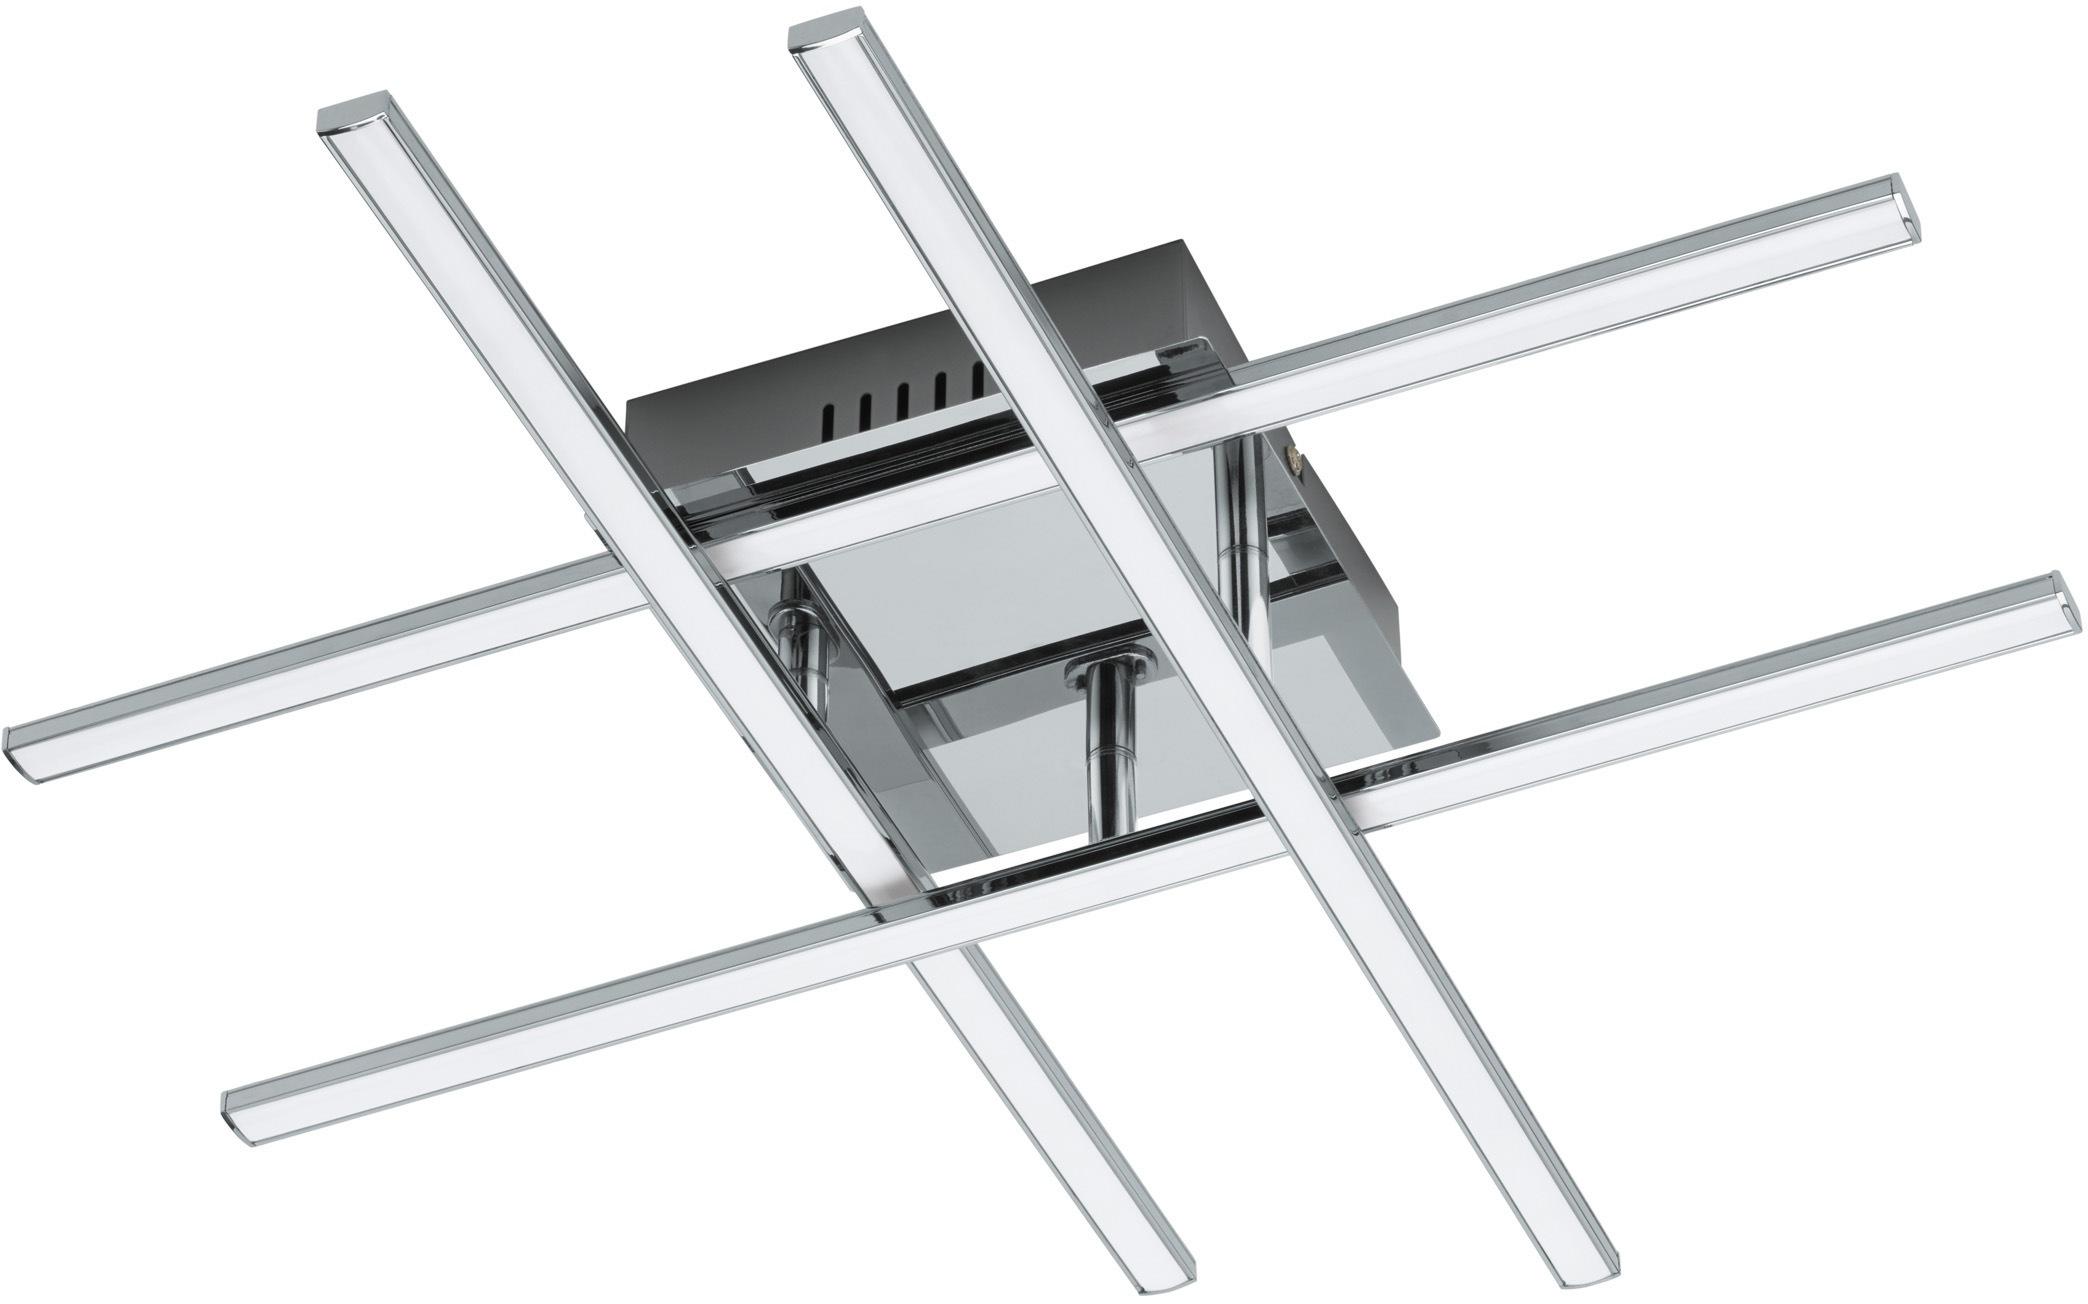 EGLO Deckenleuchte LASANA 1, LED-Board, Warmweiß, Deckenlampe